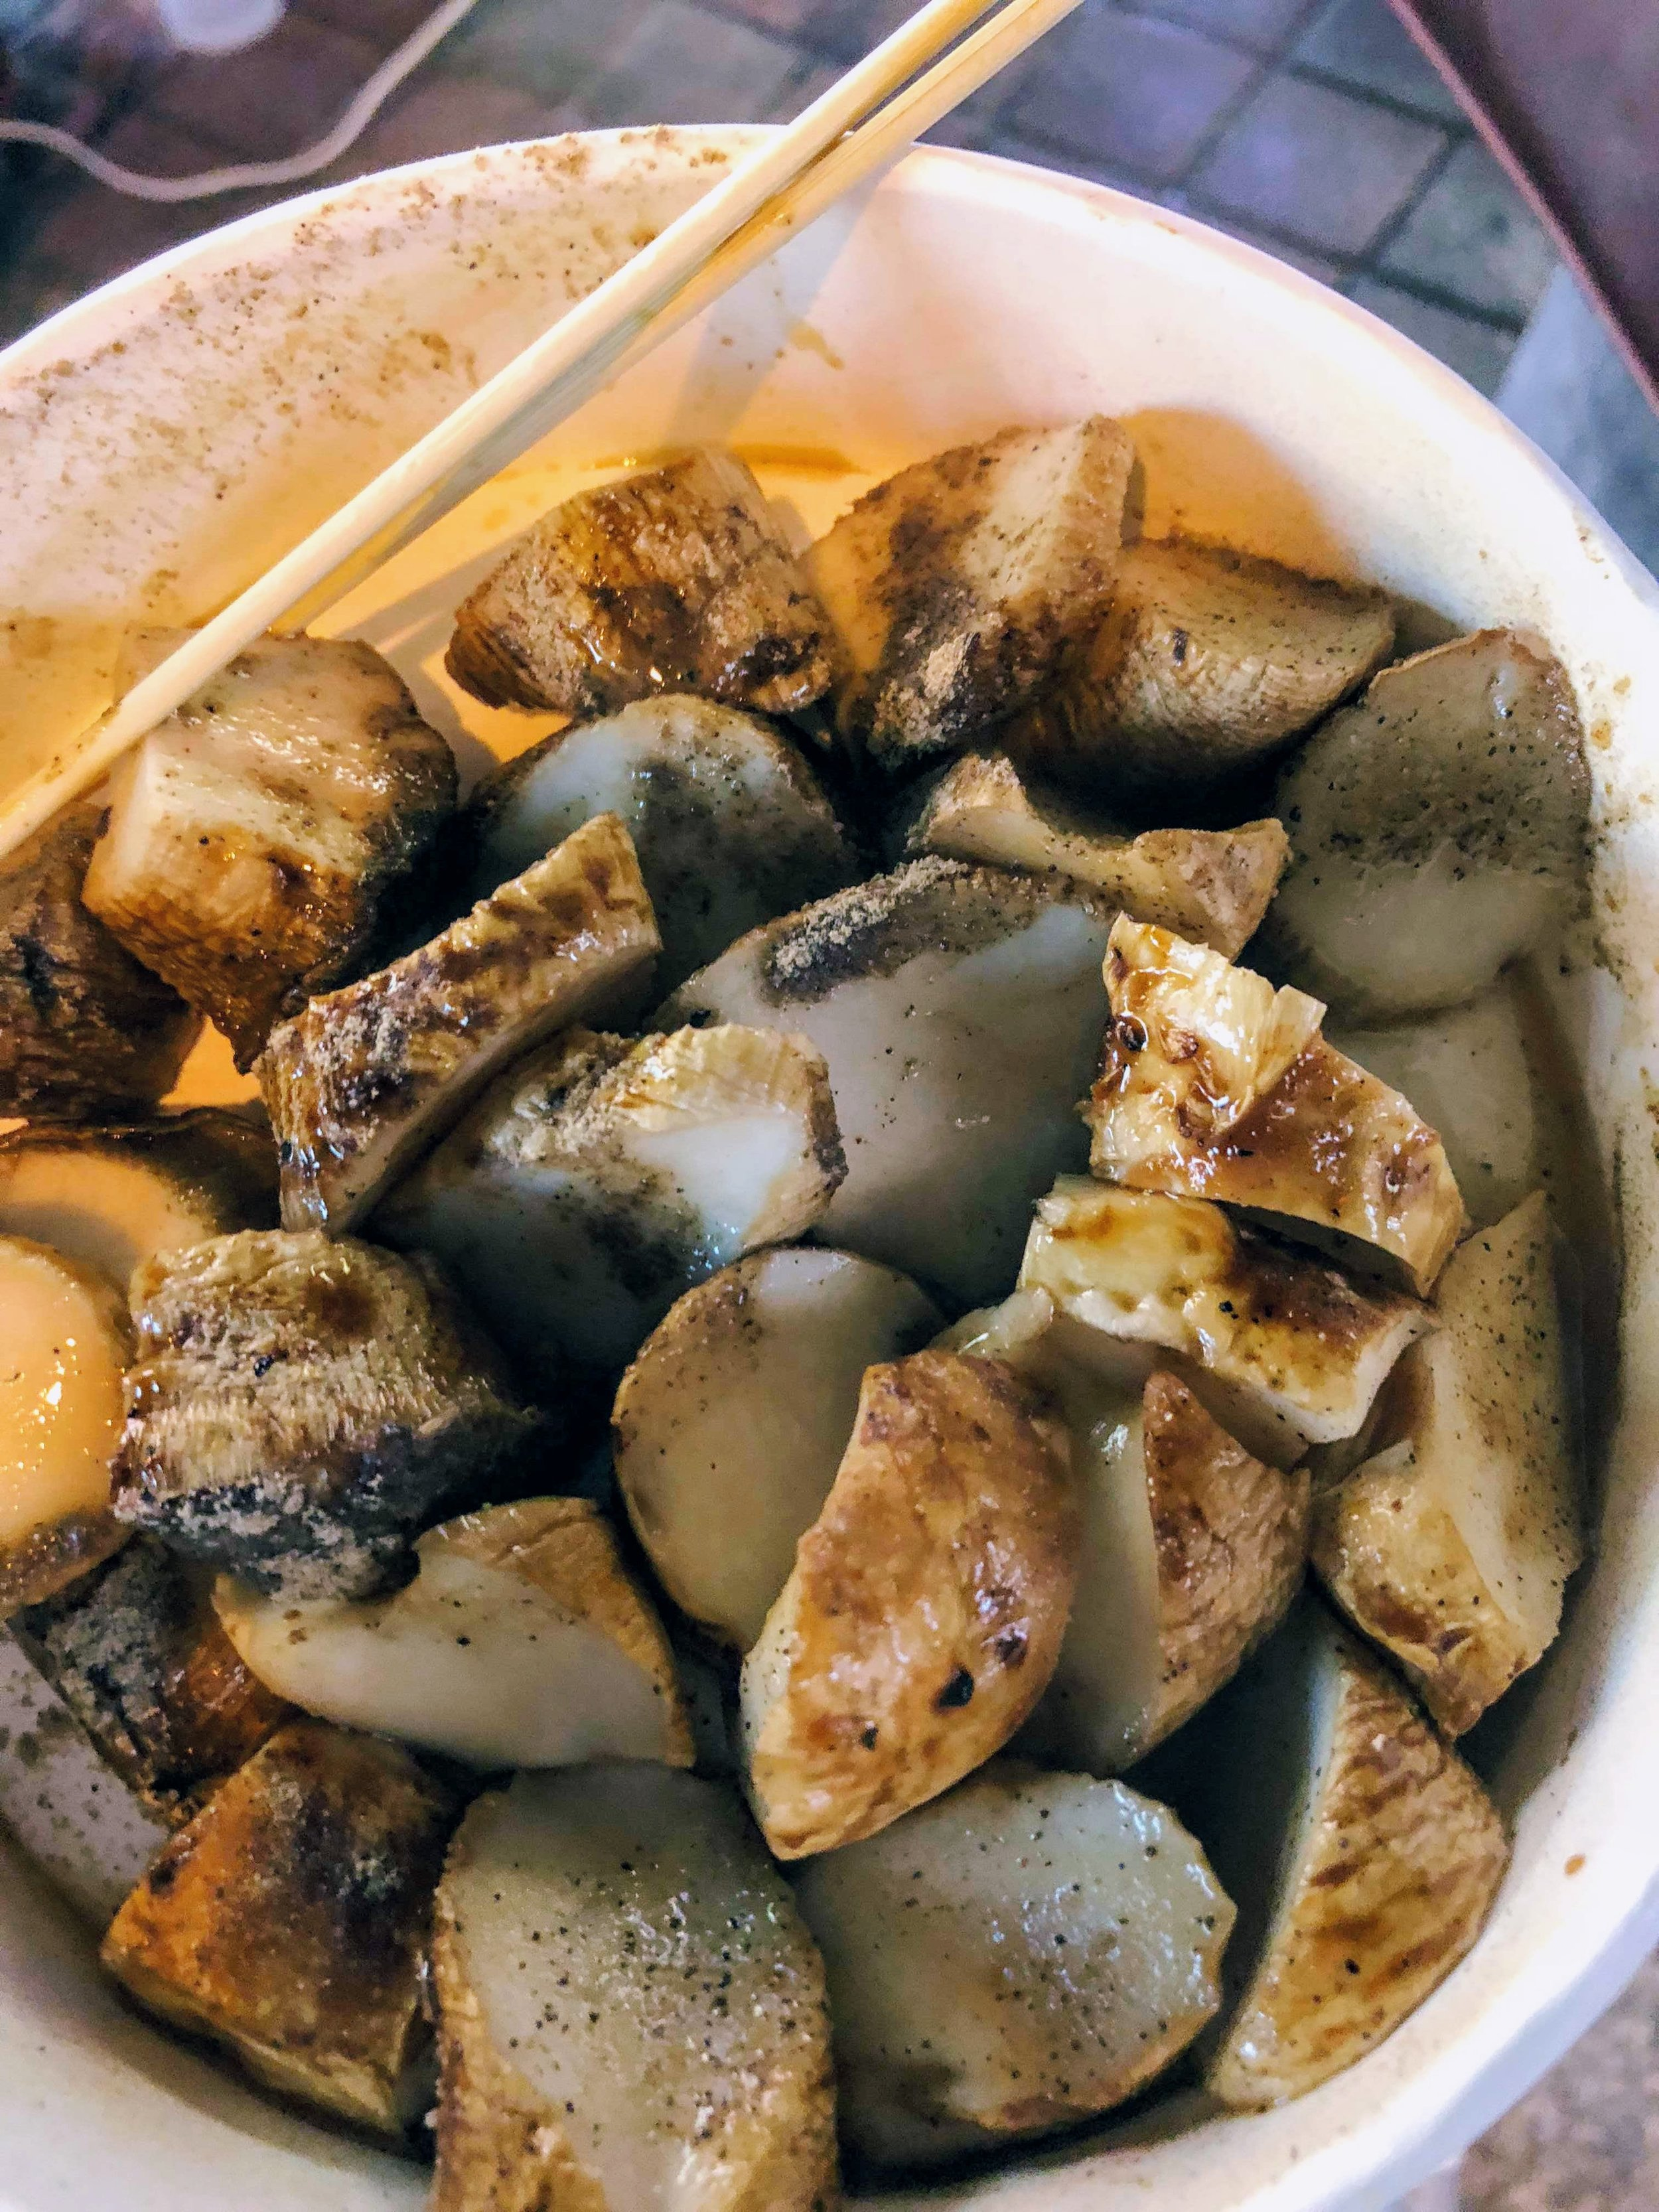 Night market mushrooms.